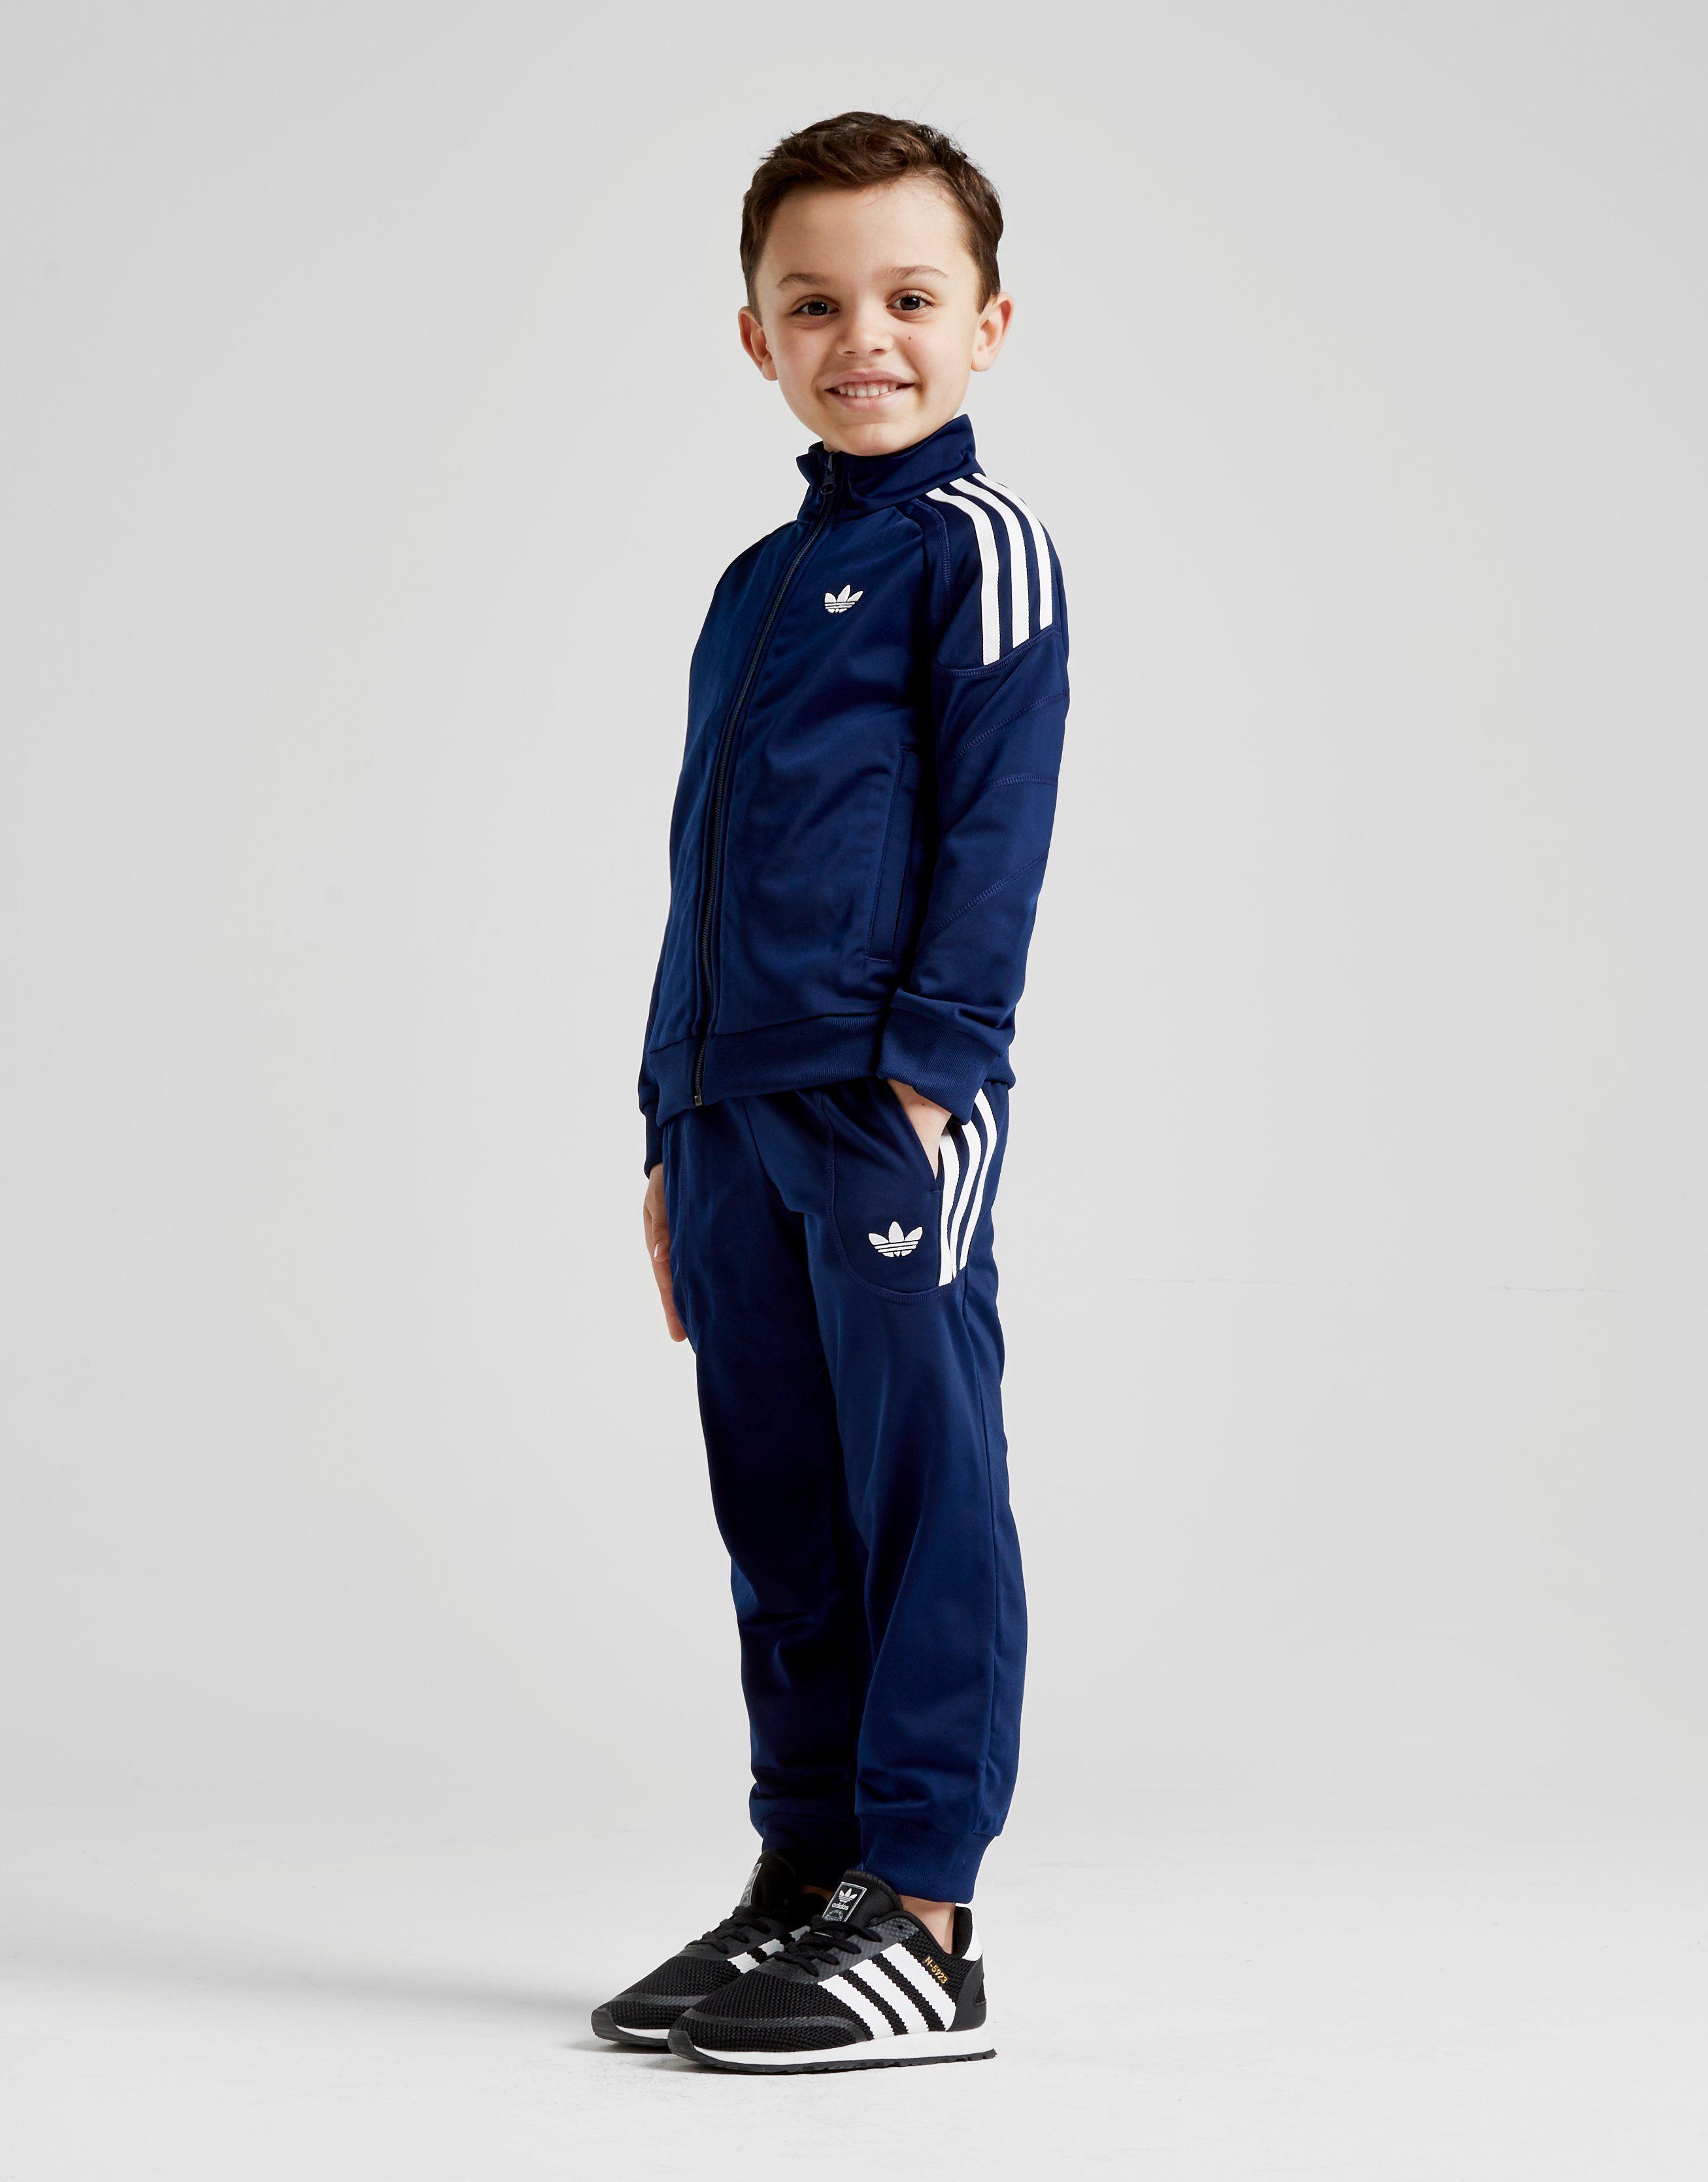 e77c12a63d1a adidas Originals Flamestrike Tracksuit Children